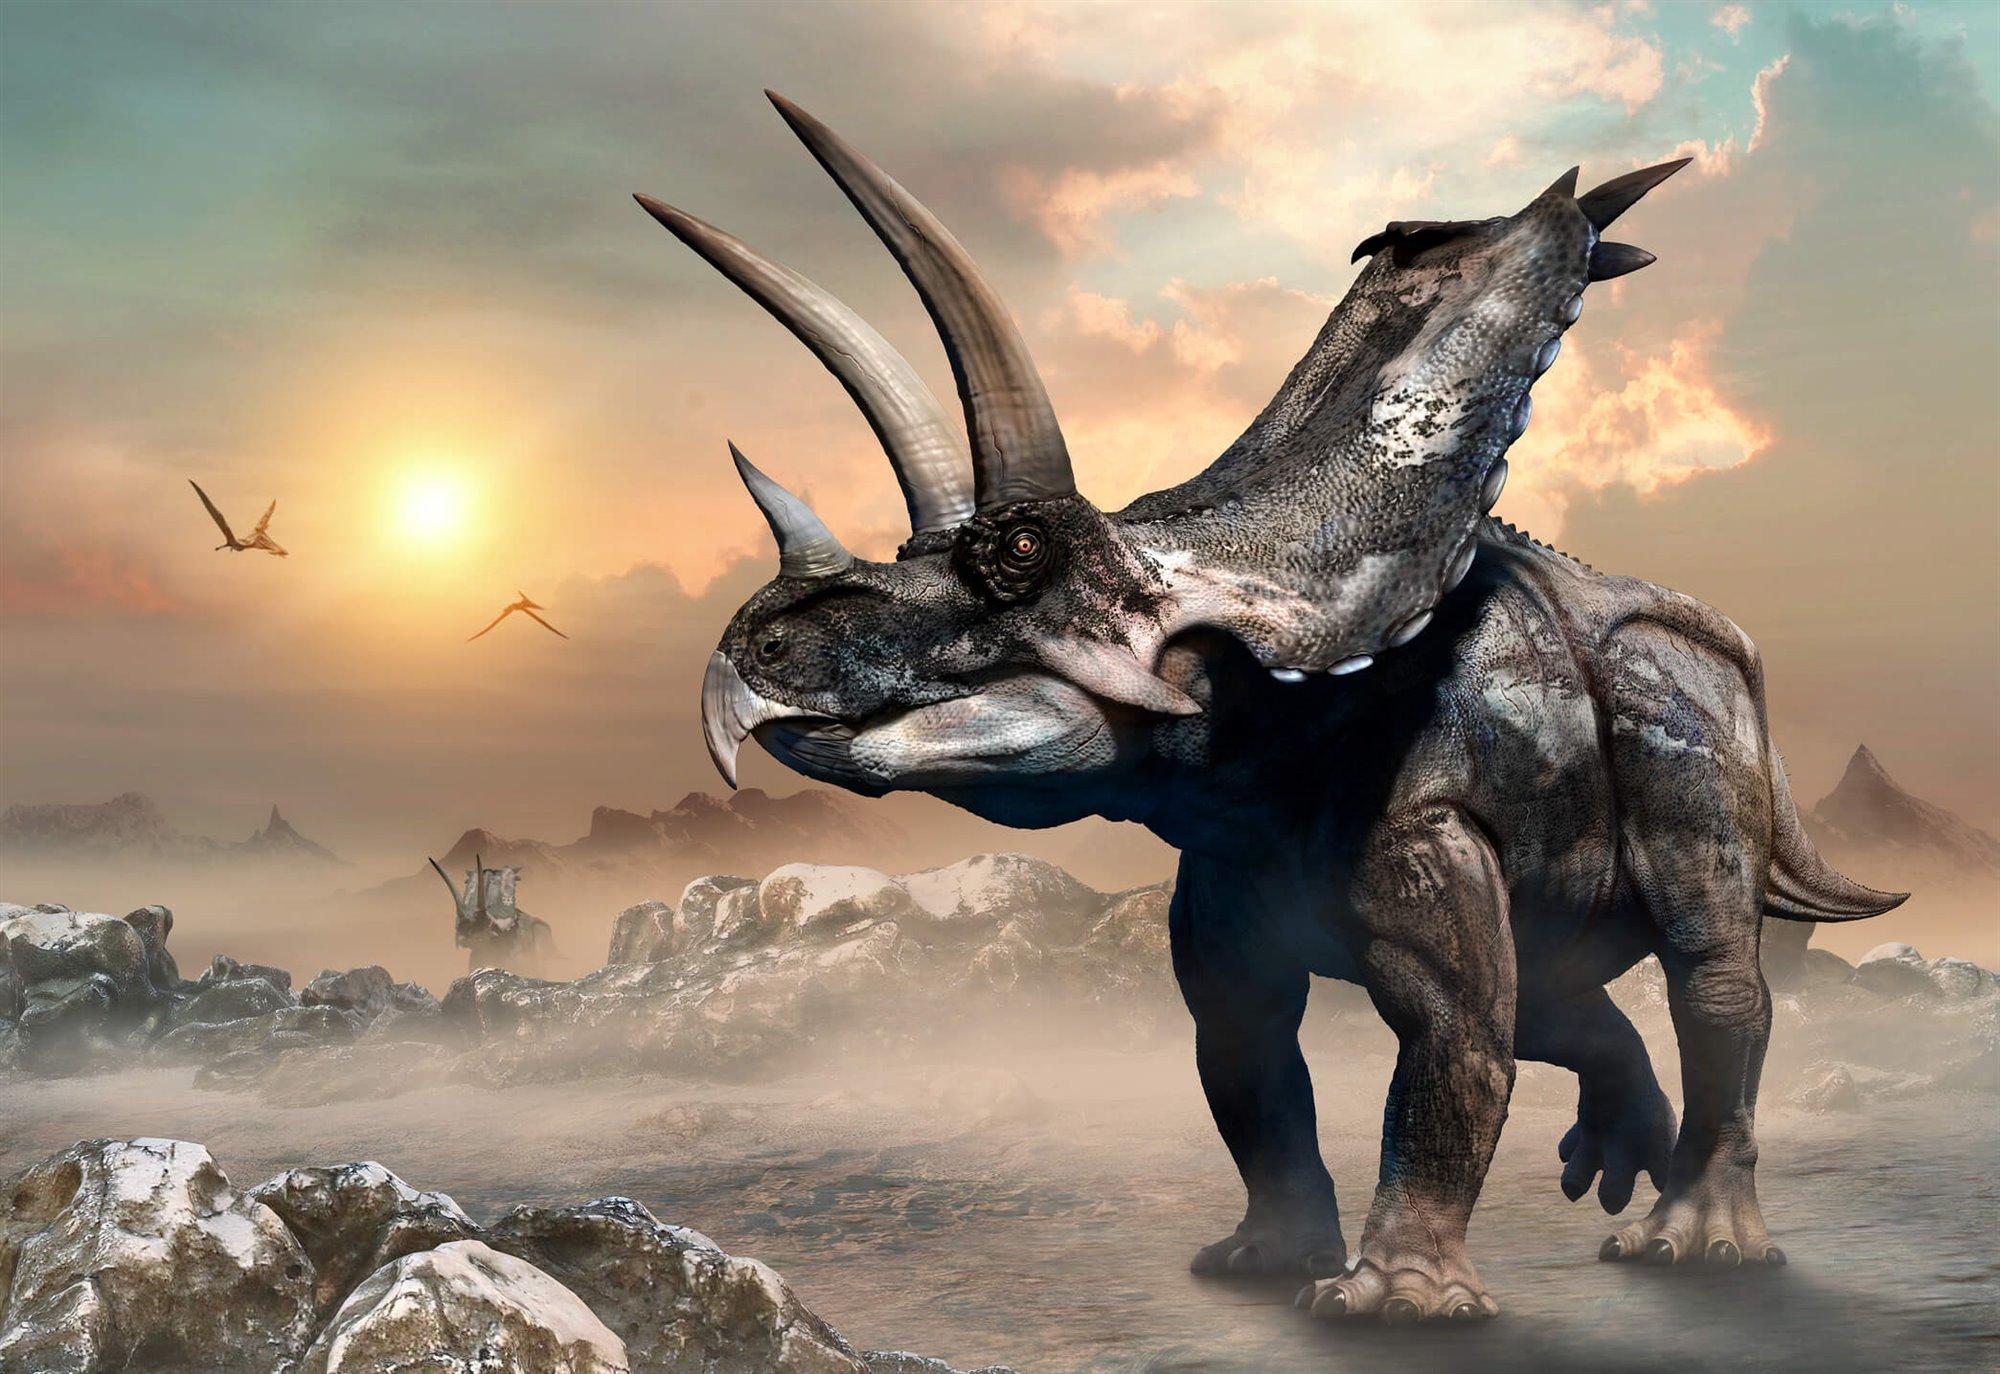 Reconoces A Estos Dinosaurios Primal, turok remastered, jurassic survival, beasts of bermuda y muchos más juegos para pc. reconoces a estos dinosaurios